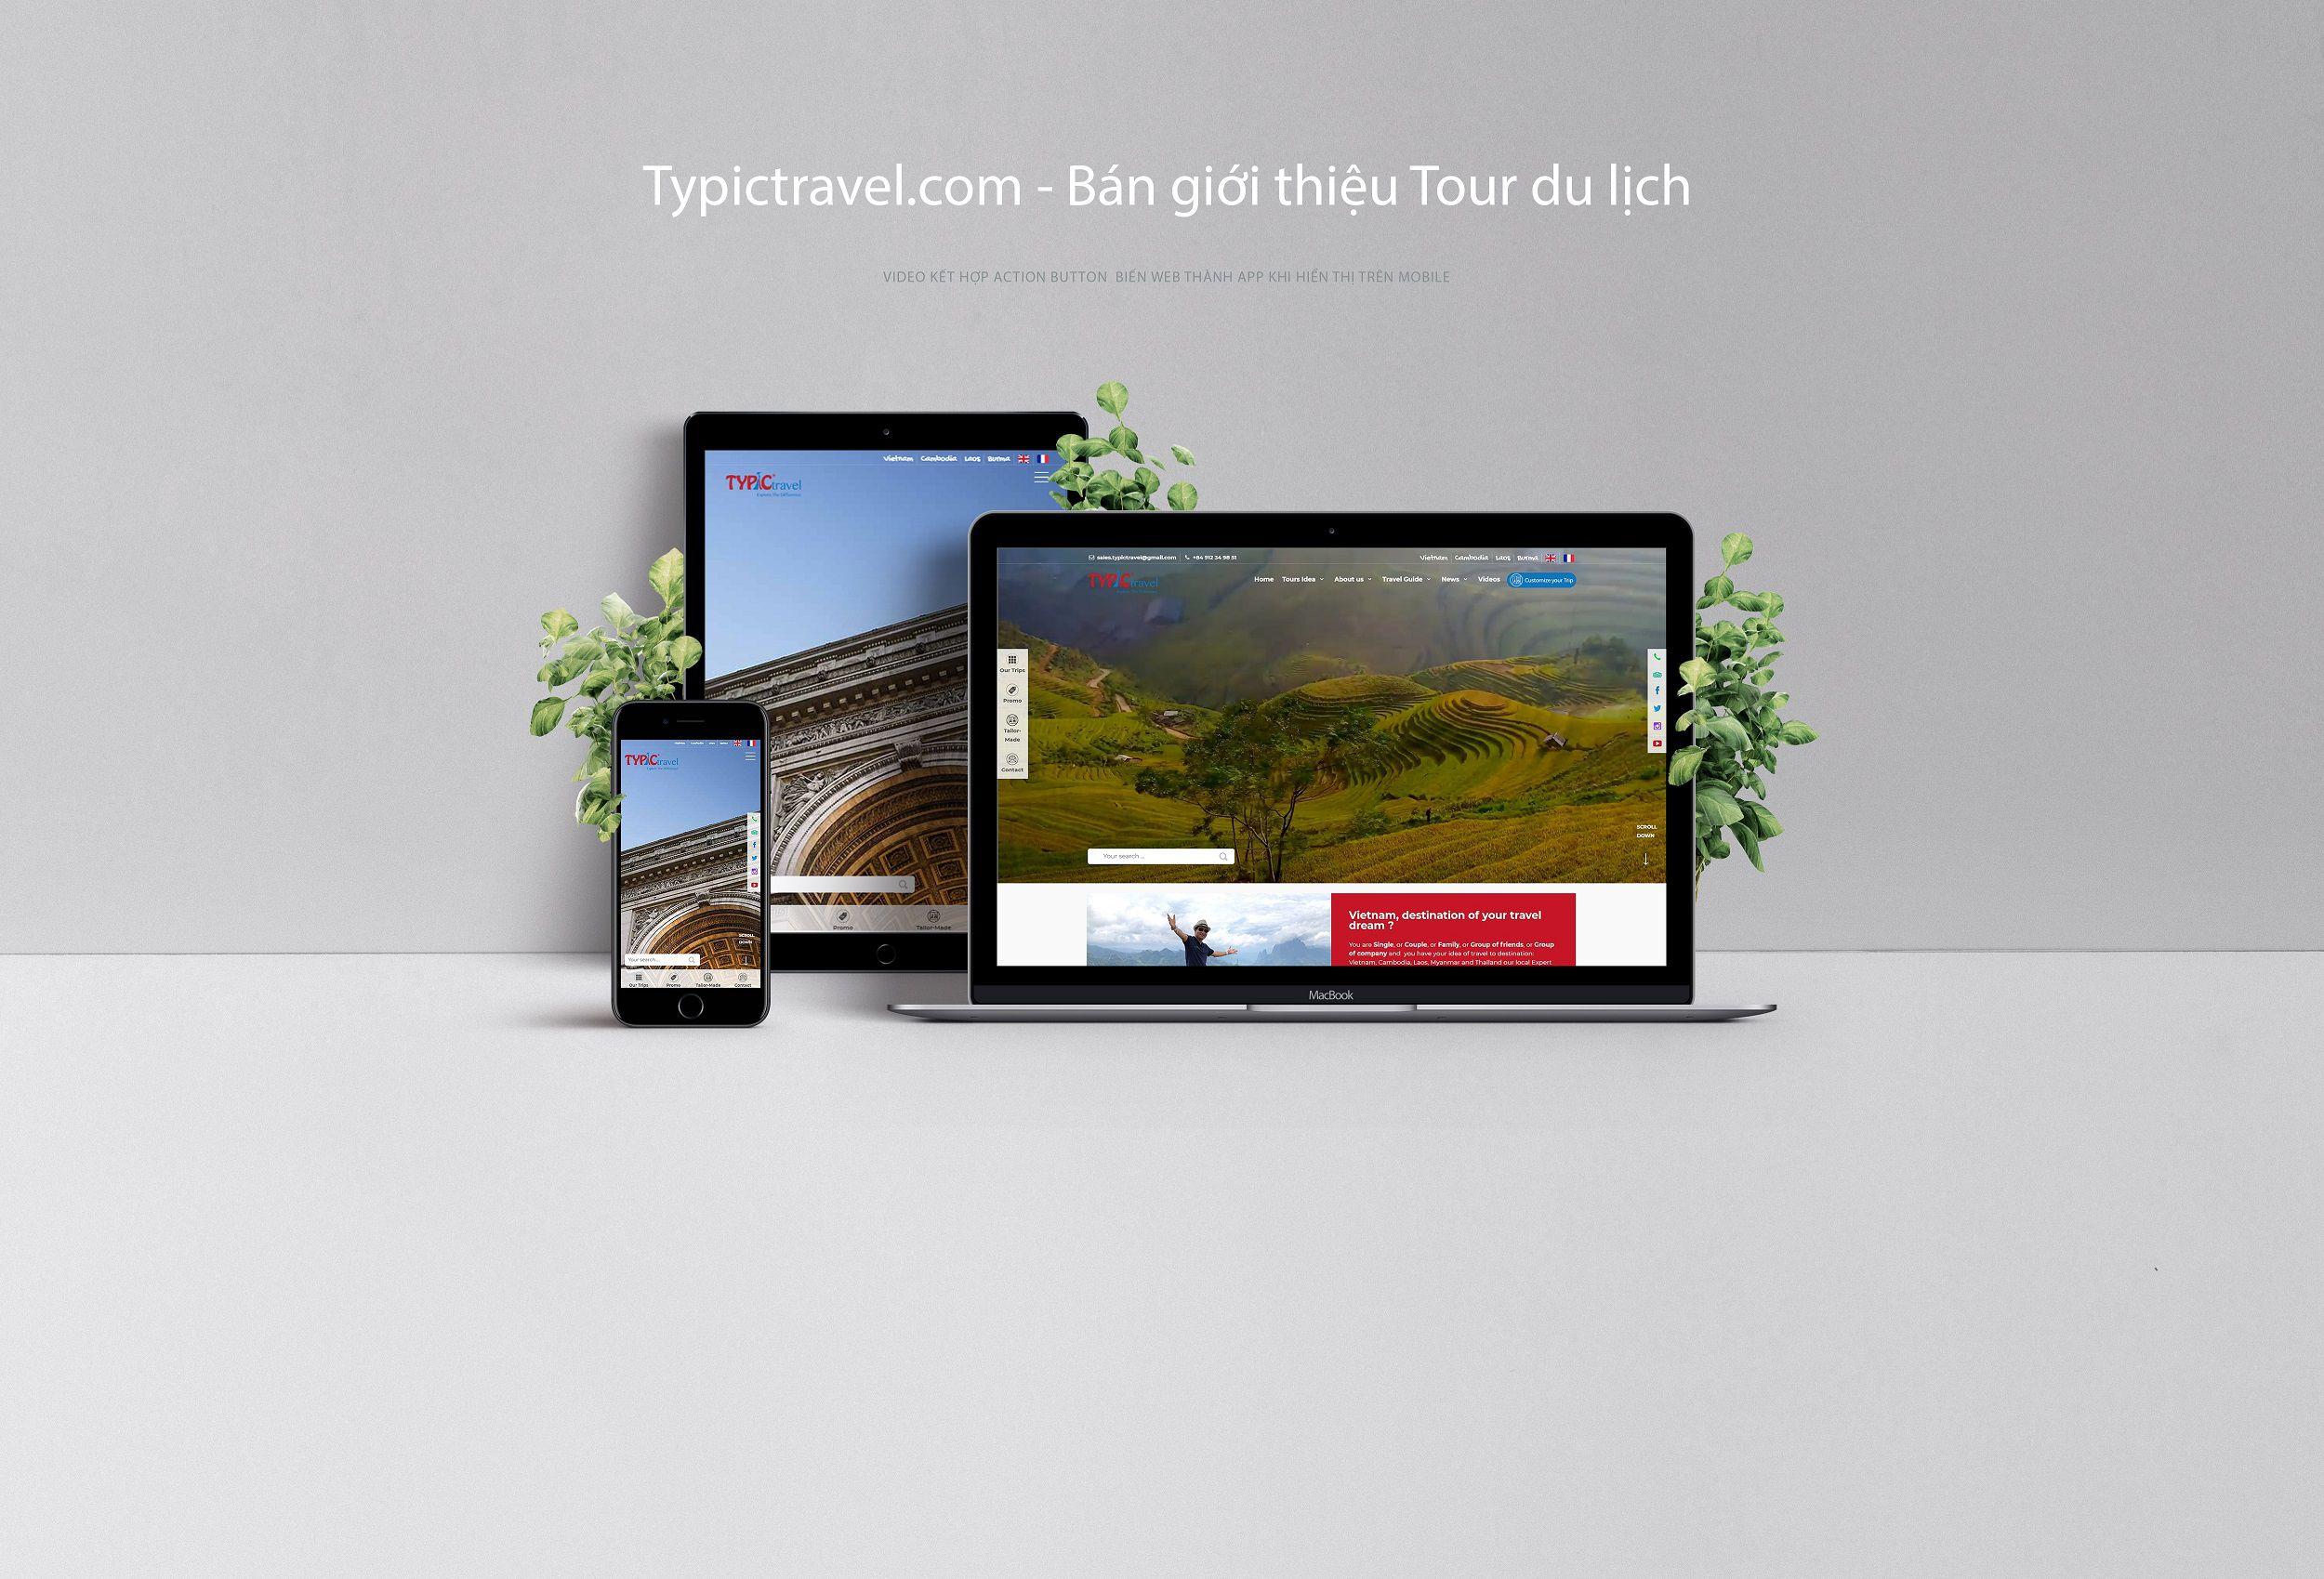 Website giới thiệu công ty bán tour du lịch typictravel